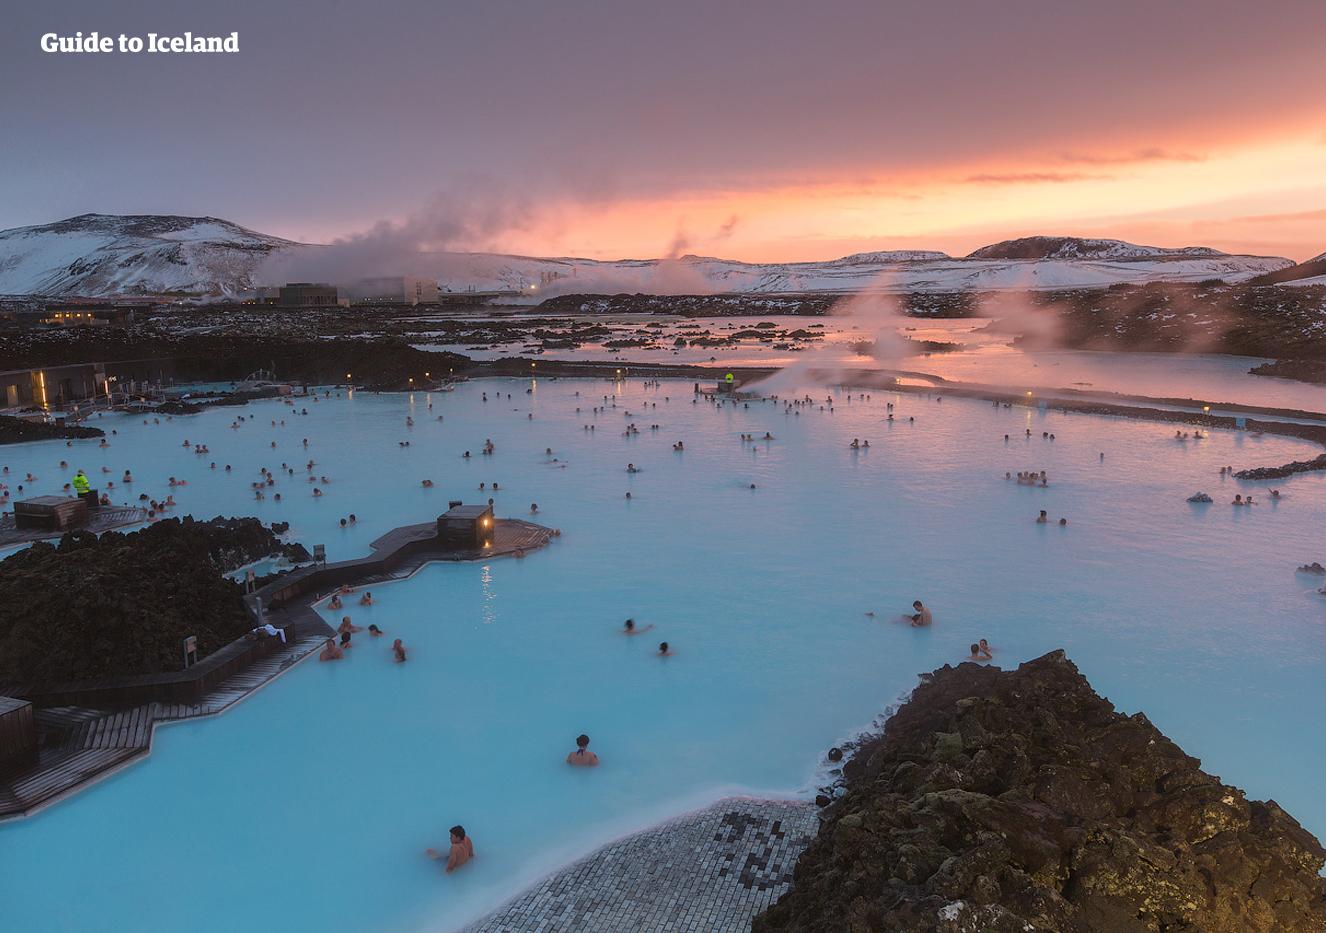 8-dniowa letnia, samodzielna wycieczka po całej obwodnicy Islandii z naciskiem na południowe wybrzeże - day 1